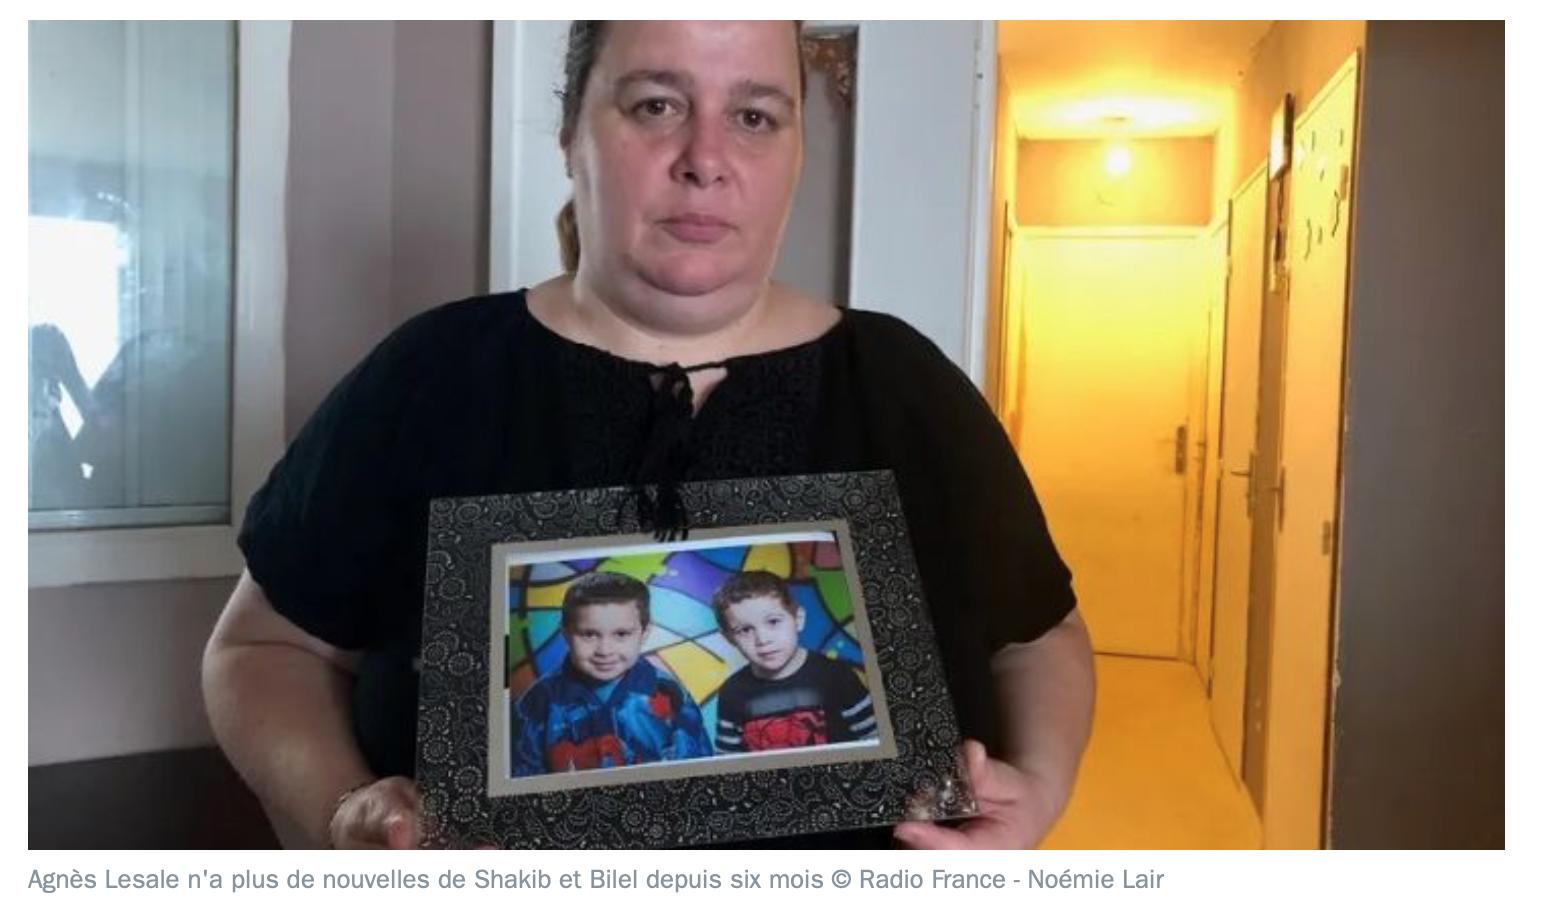 Agnès Lesale a 4 enfants au prénom algérien… et elle pleure parce que le père les séquestre  en Algérie